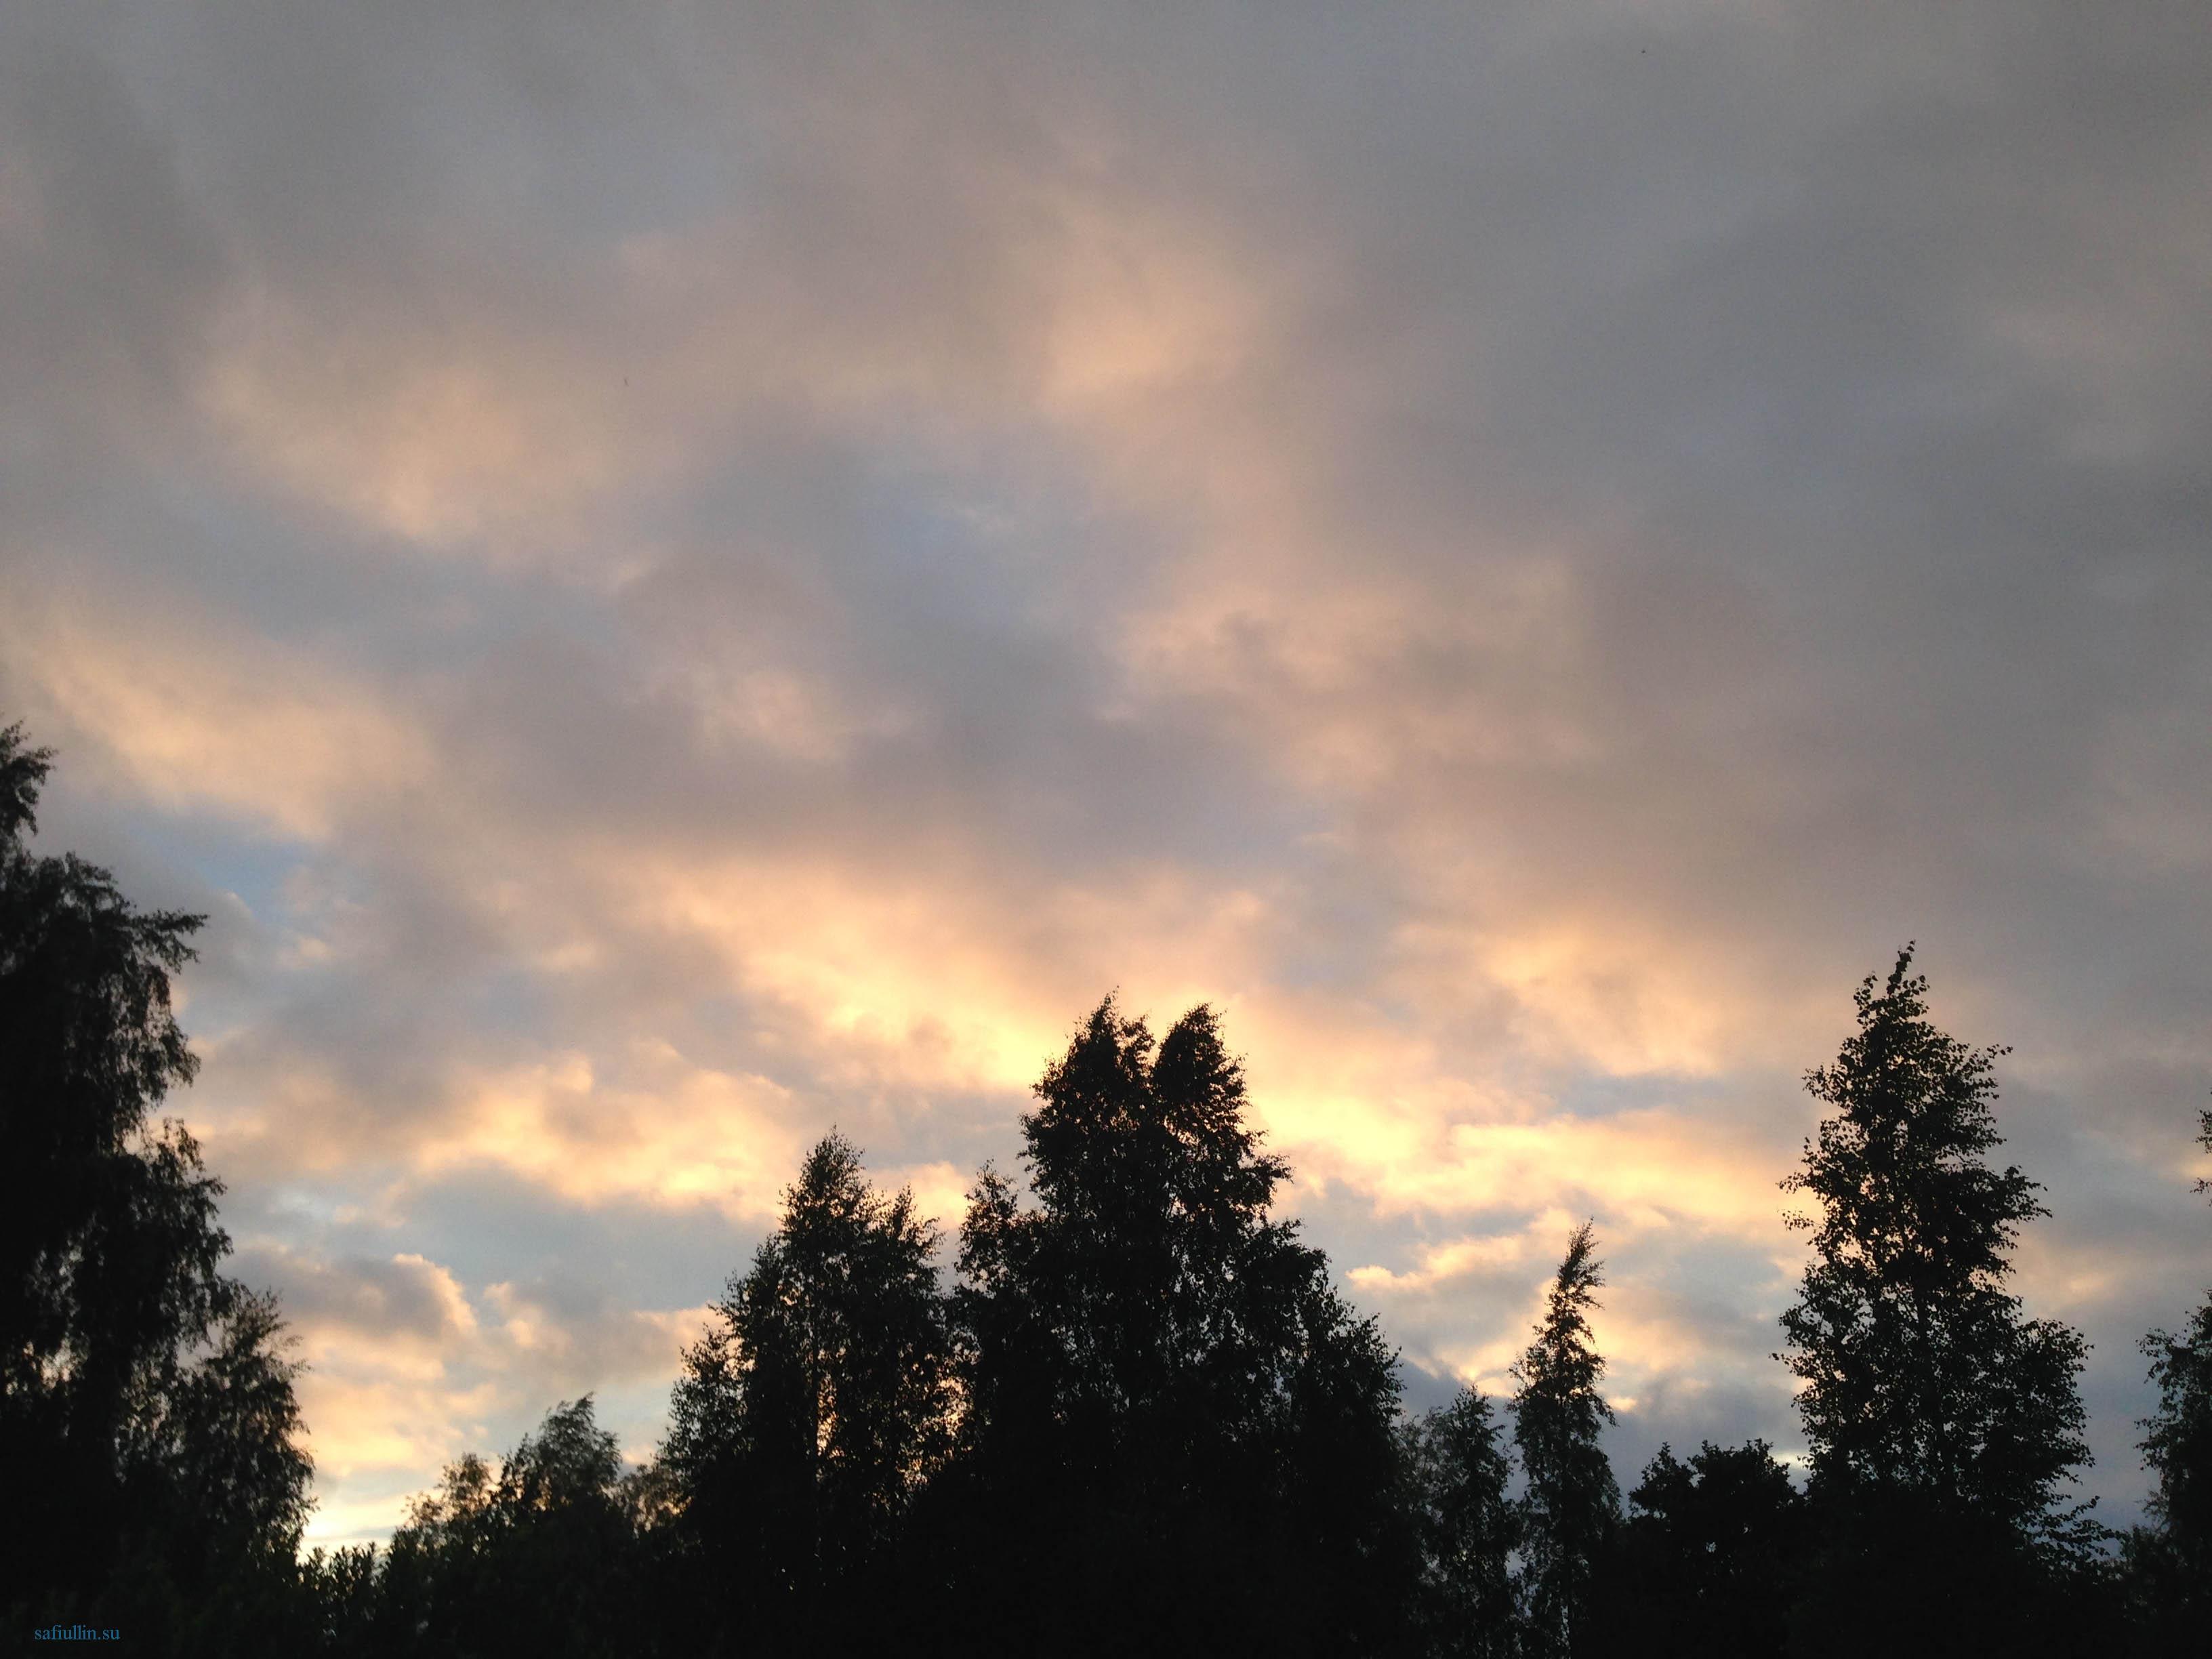 пейзажи природы альберт сафиуллин лето закат солнца